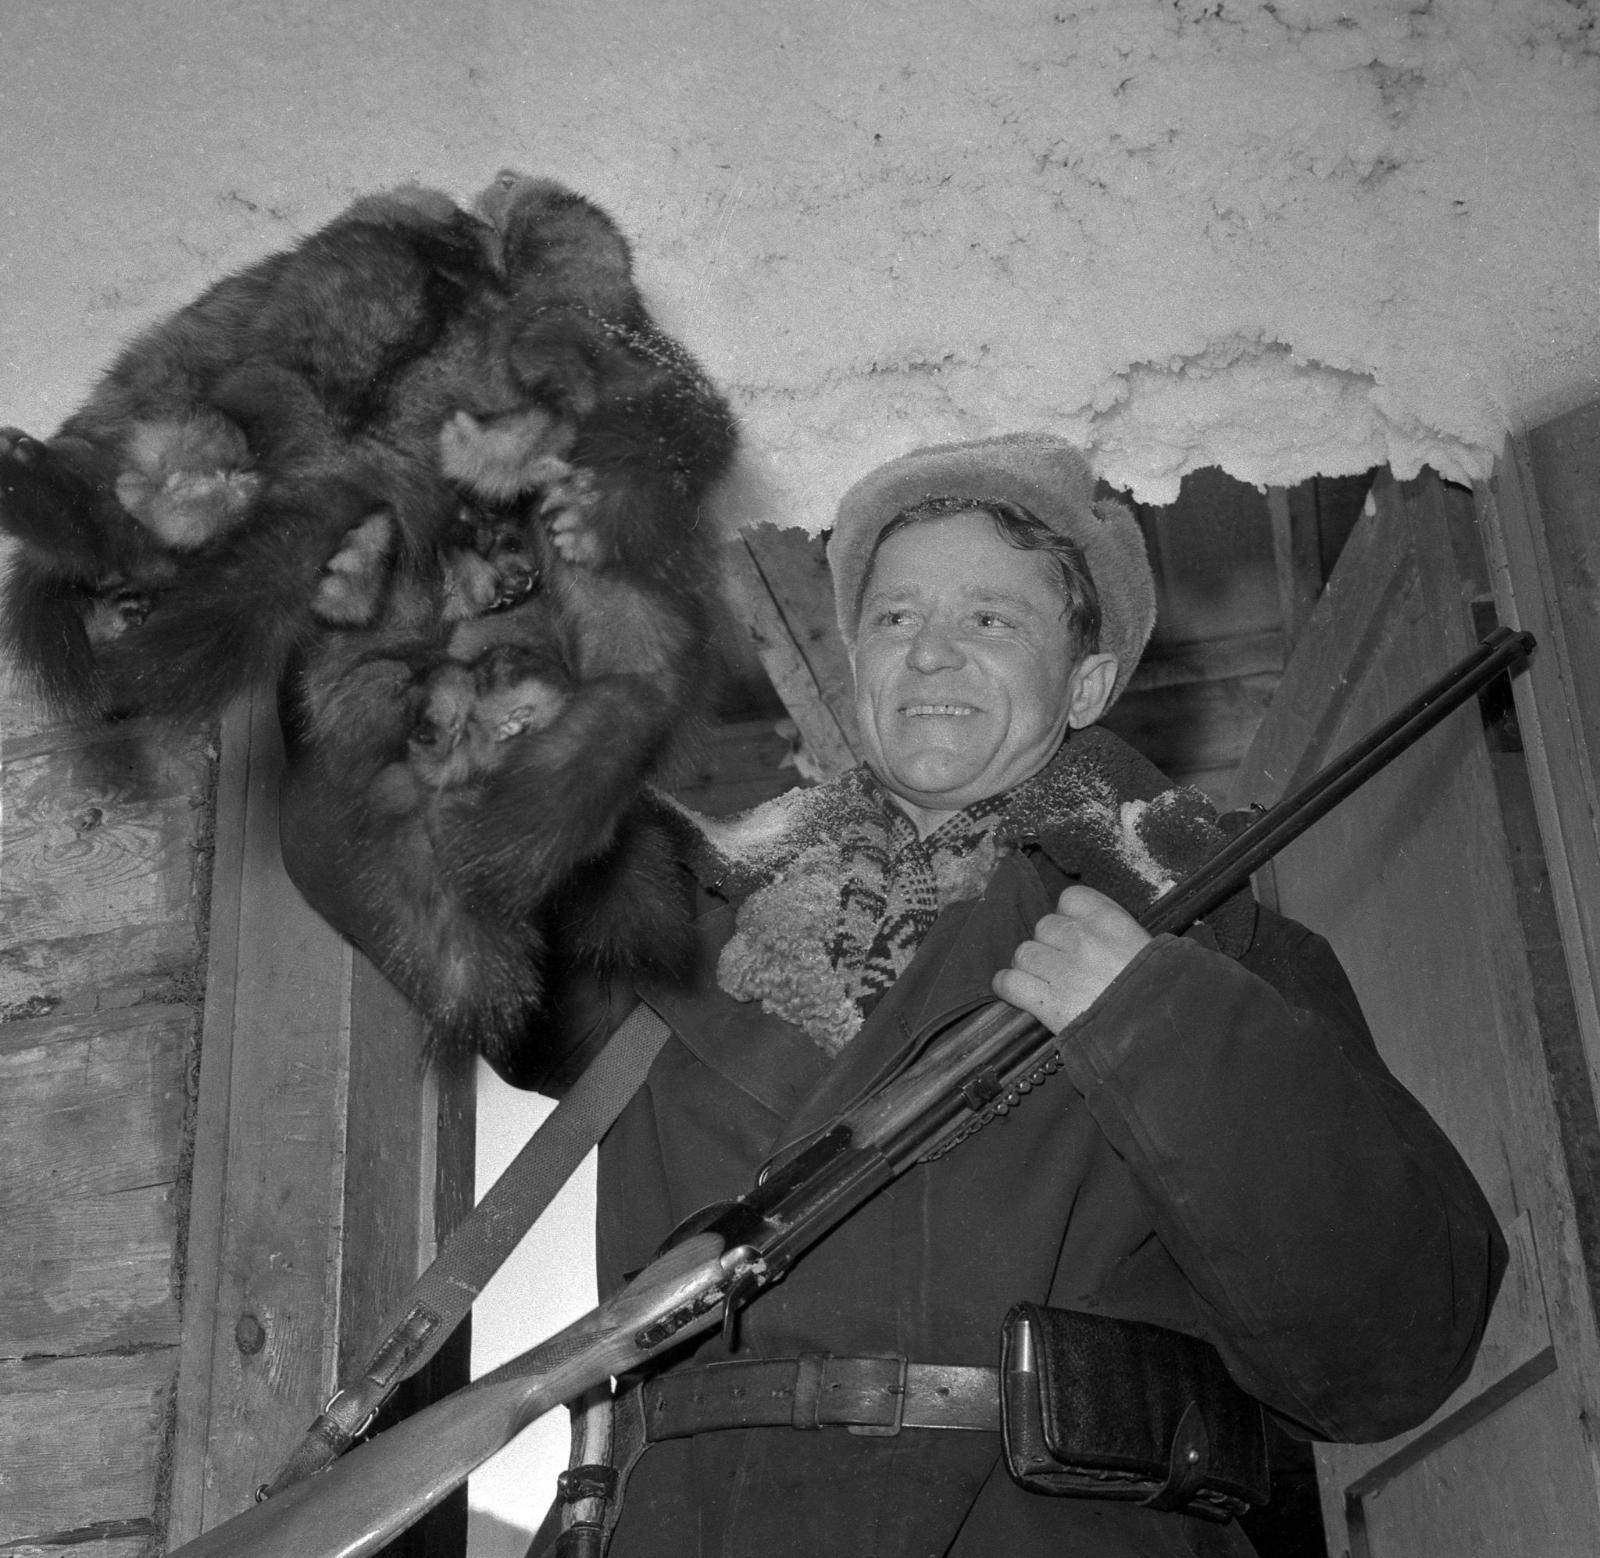 советский охотник картинка вам